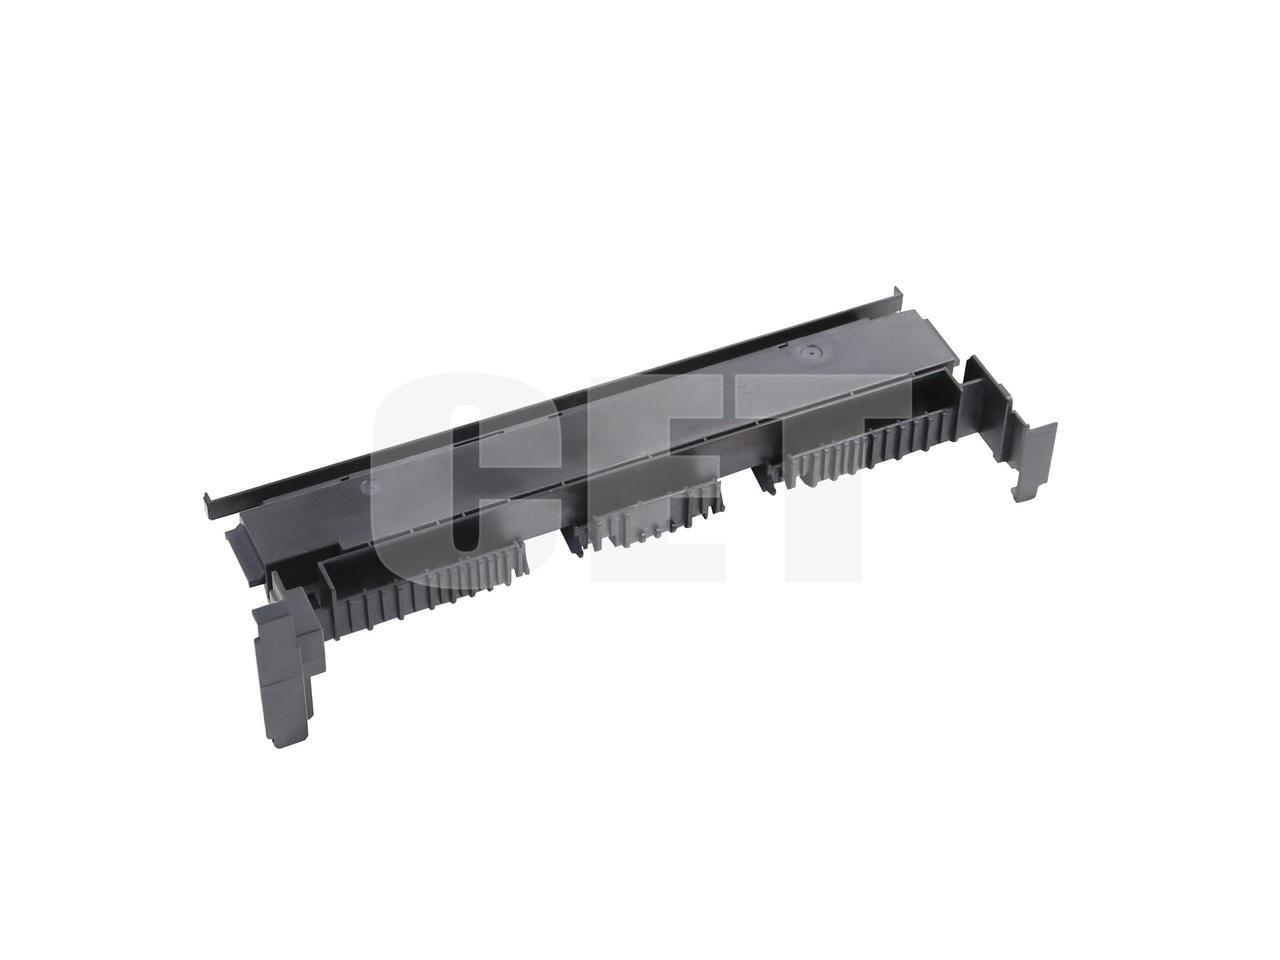 Верхняя крышка фьюзера RC4-3173-000 для HP LaserJet ProM402/403/MFP M426/427 (CET), CET371001